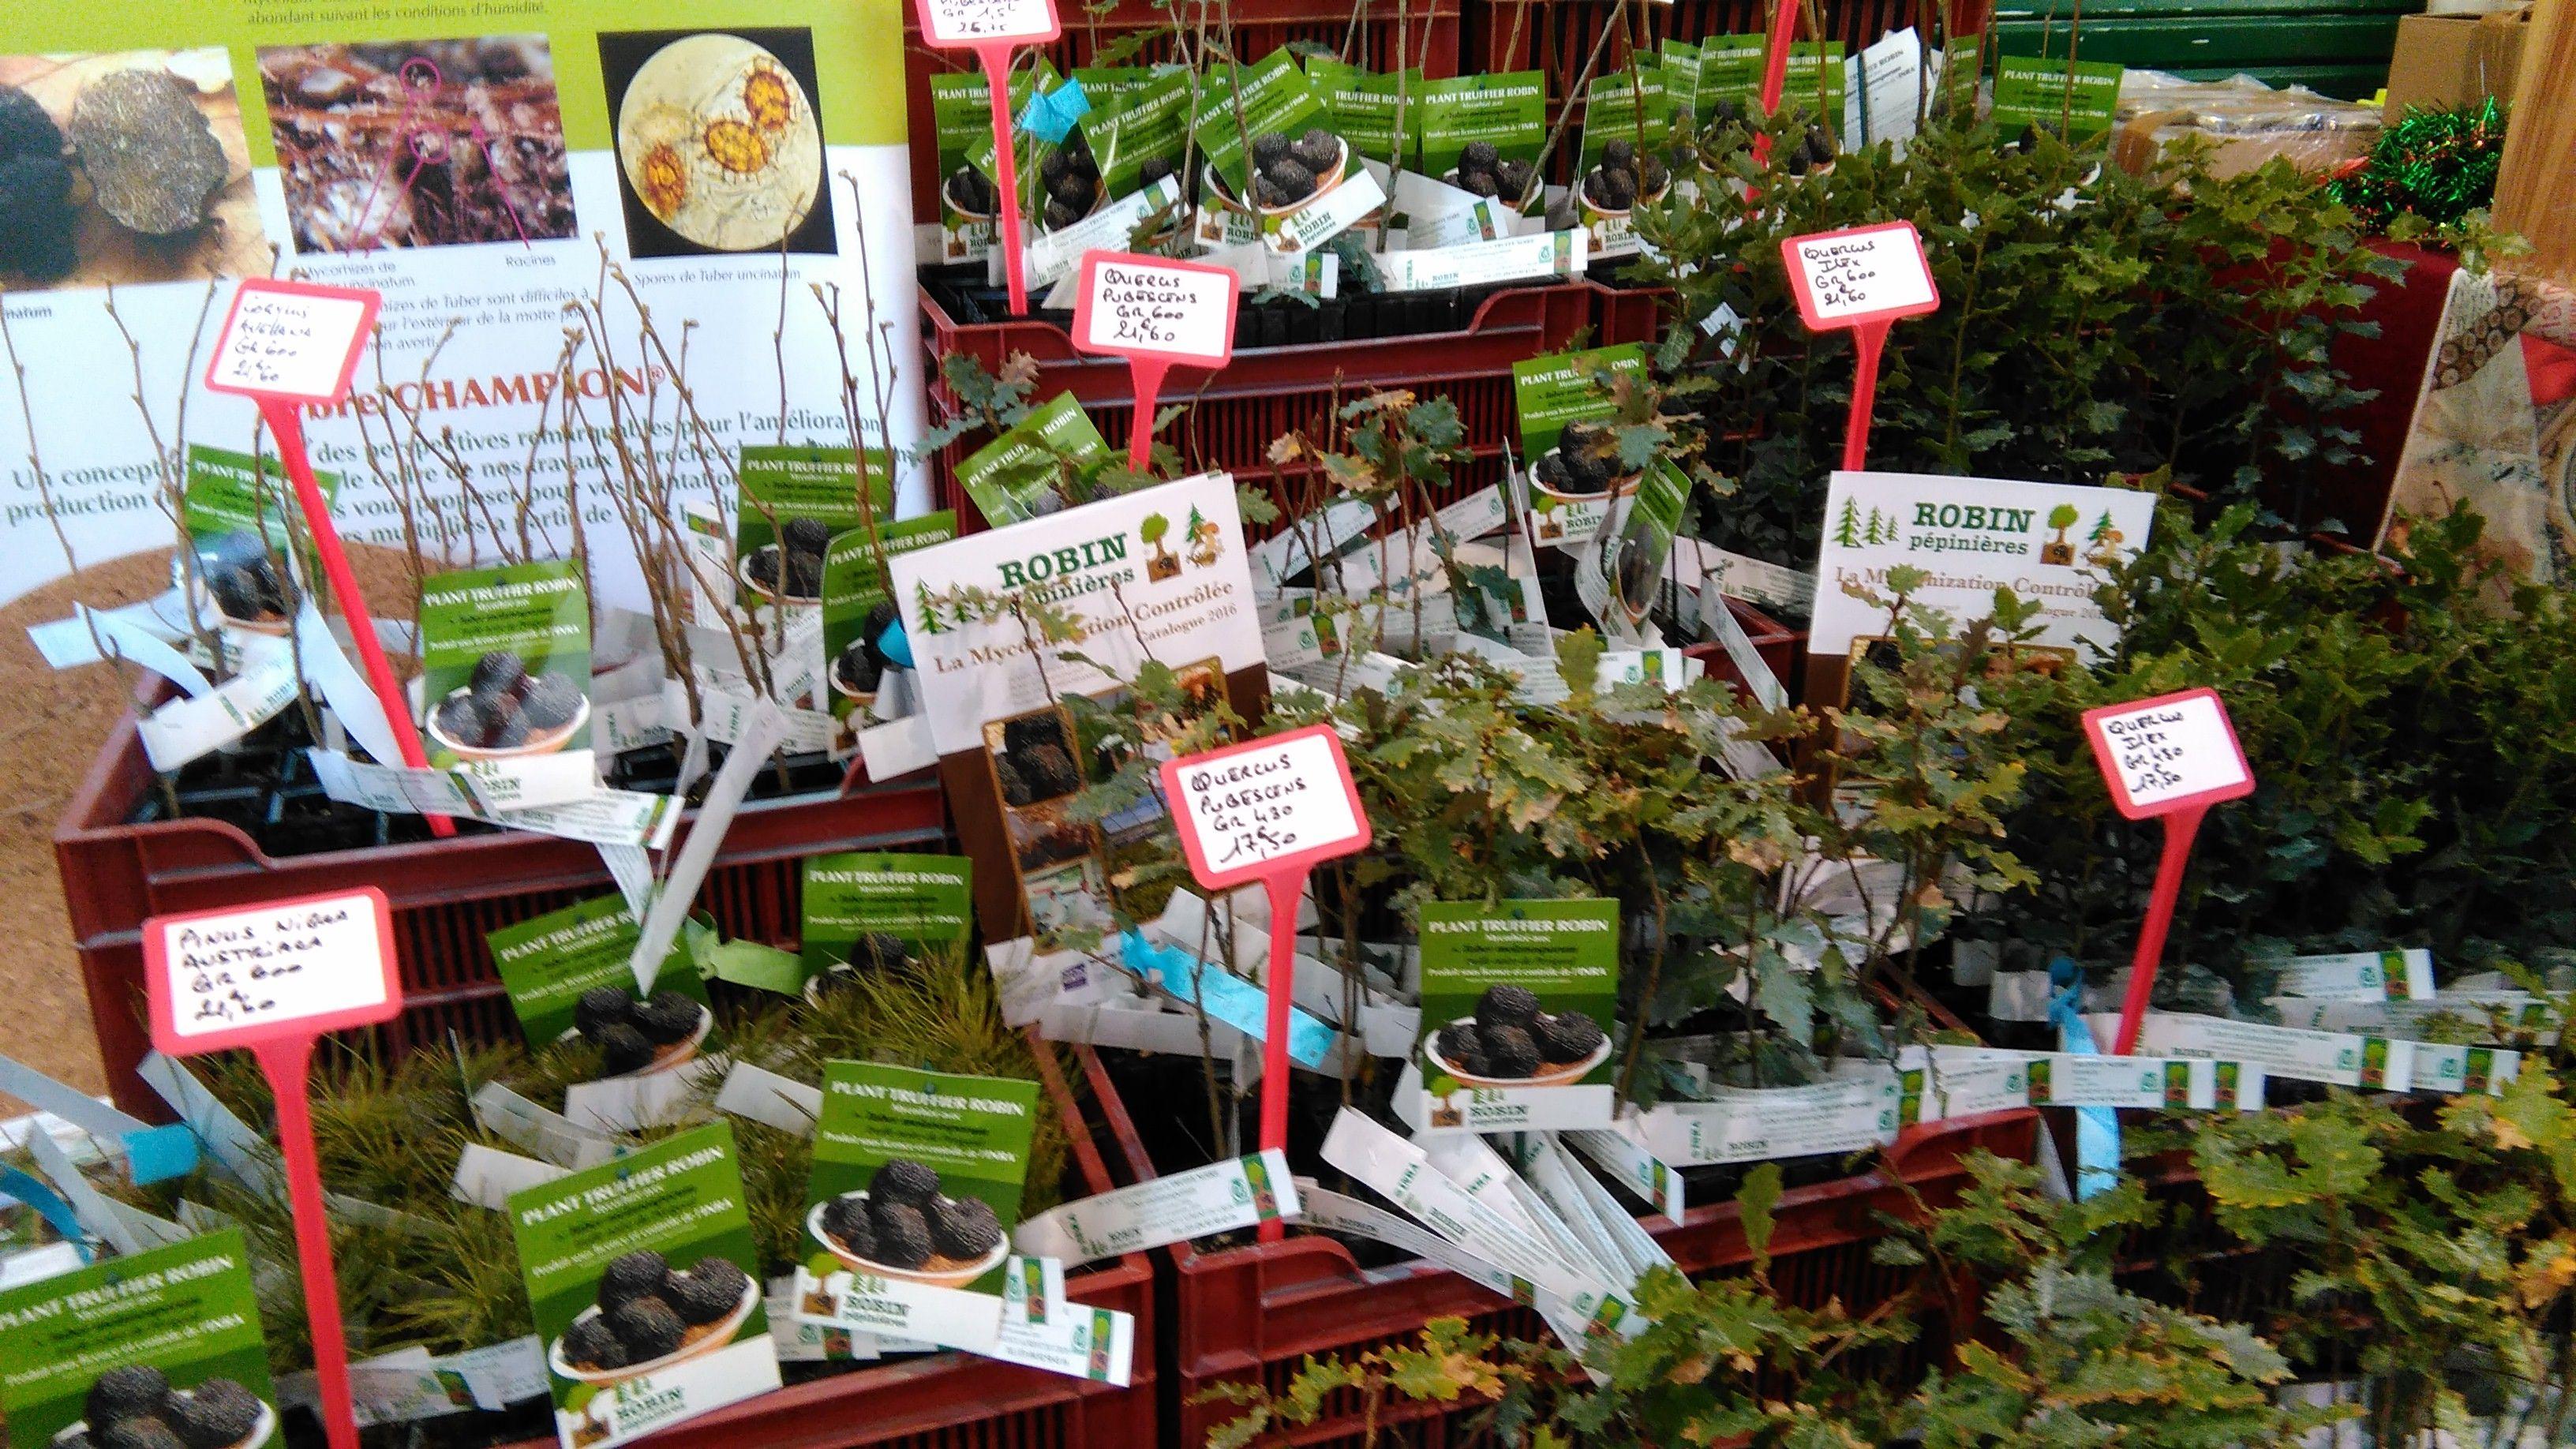 Truffe Plants Truffiers Robin Fªte de la truffe  Villeneuve sur